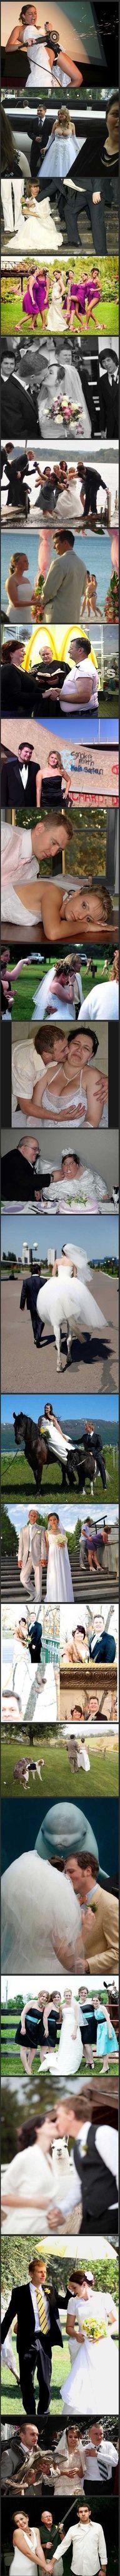 Most unfortunate wedding photos